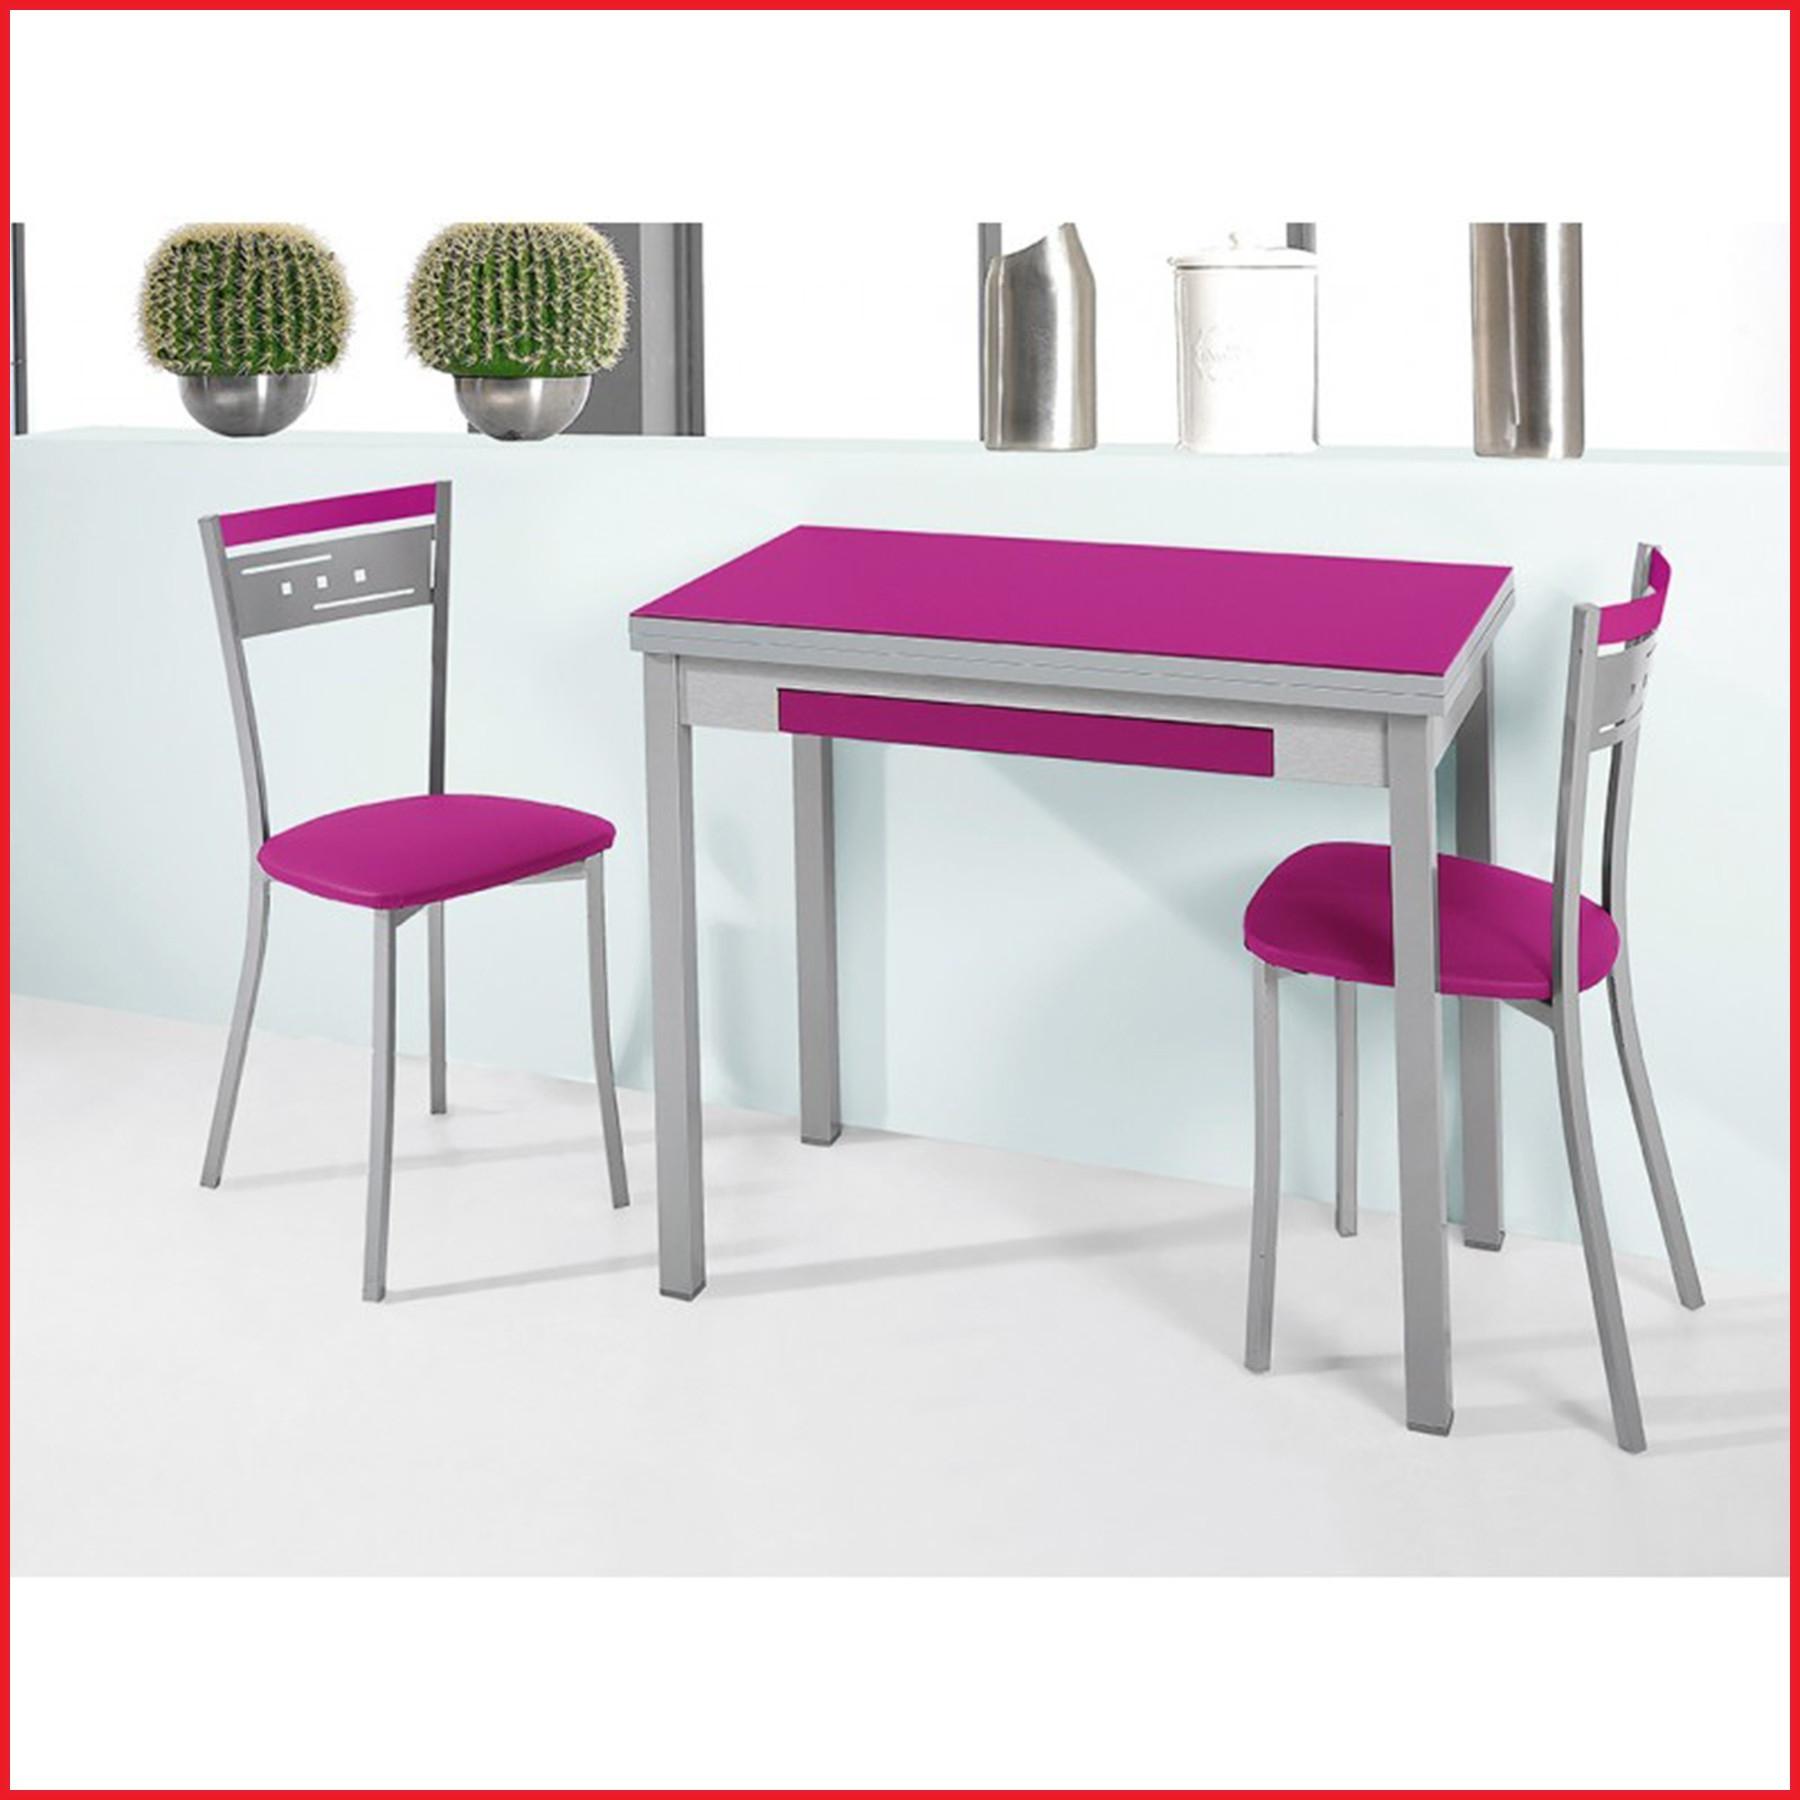 Sillas Cocina Ikea 8ydm Sillas Cocina Modernas Impresionante Mesas ...